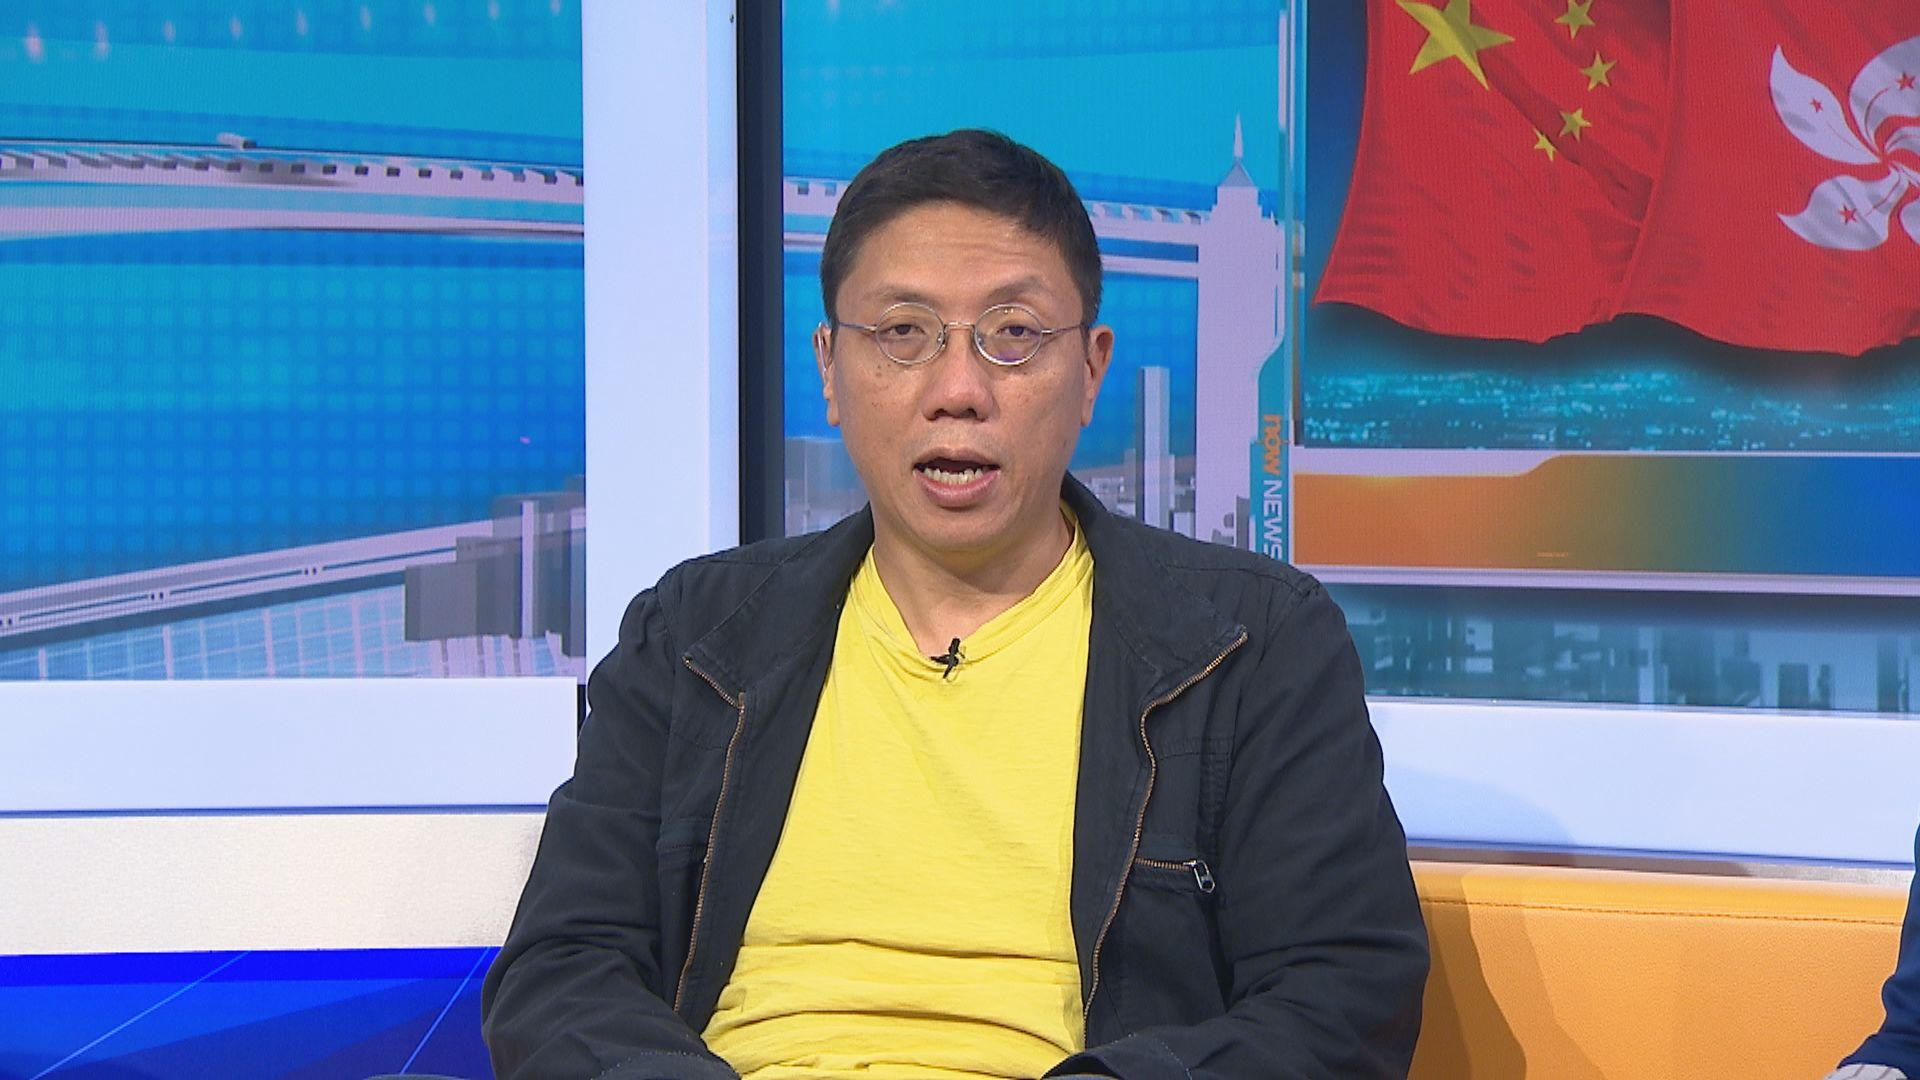 【MAX觀點】特朗普對香港問題改變態度是因為......